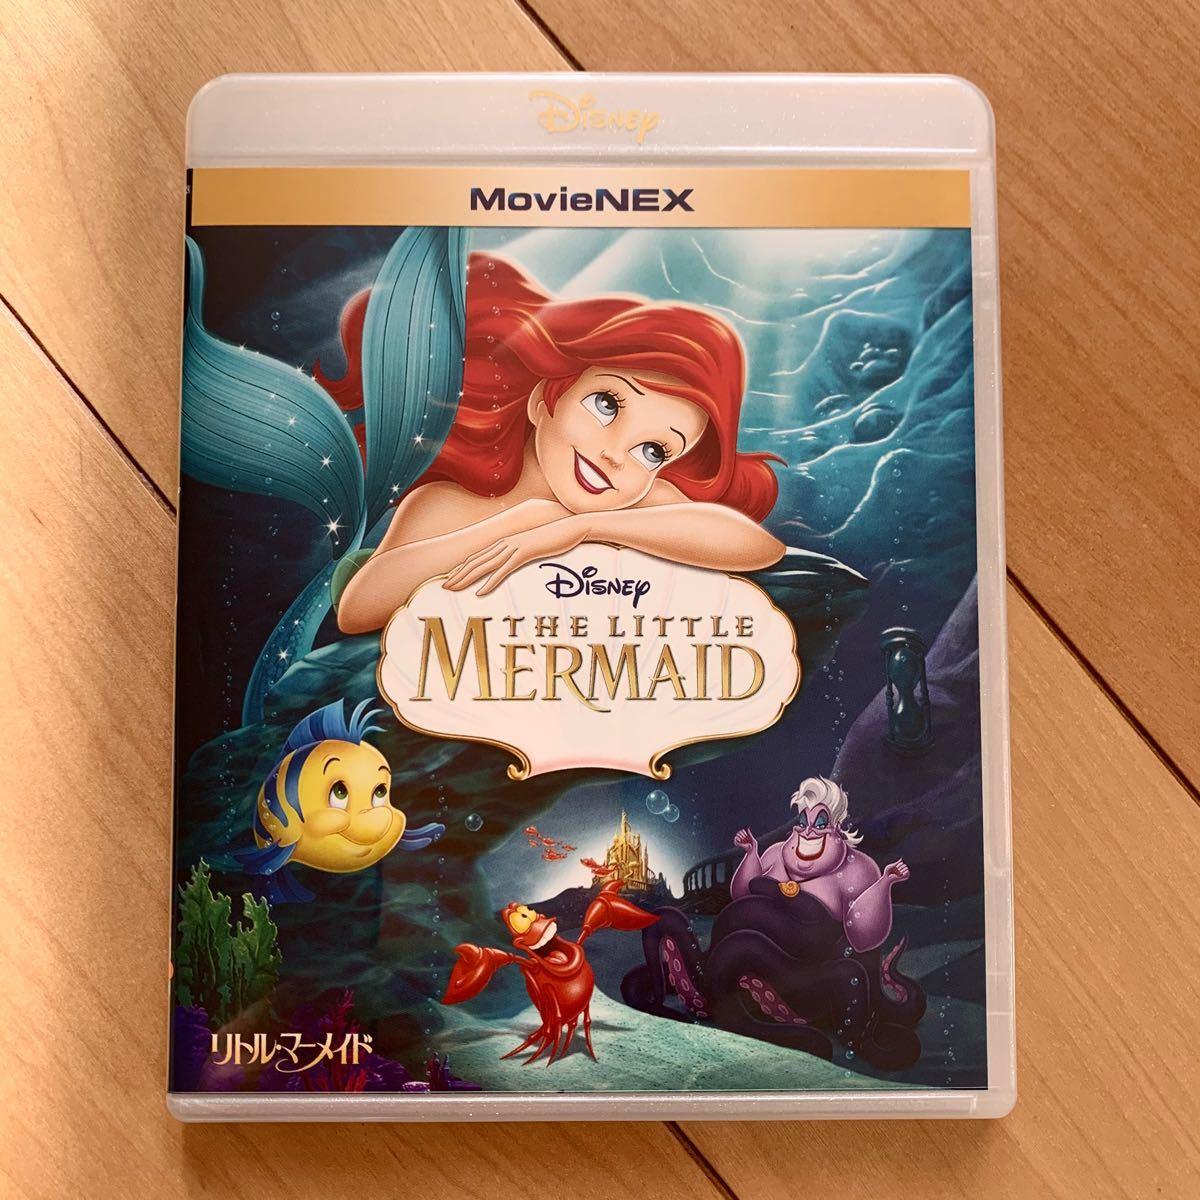 リトル・マーメイド DVD 【国内正規版】新品未再生 Disney ディズニー MovieNEX